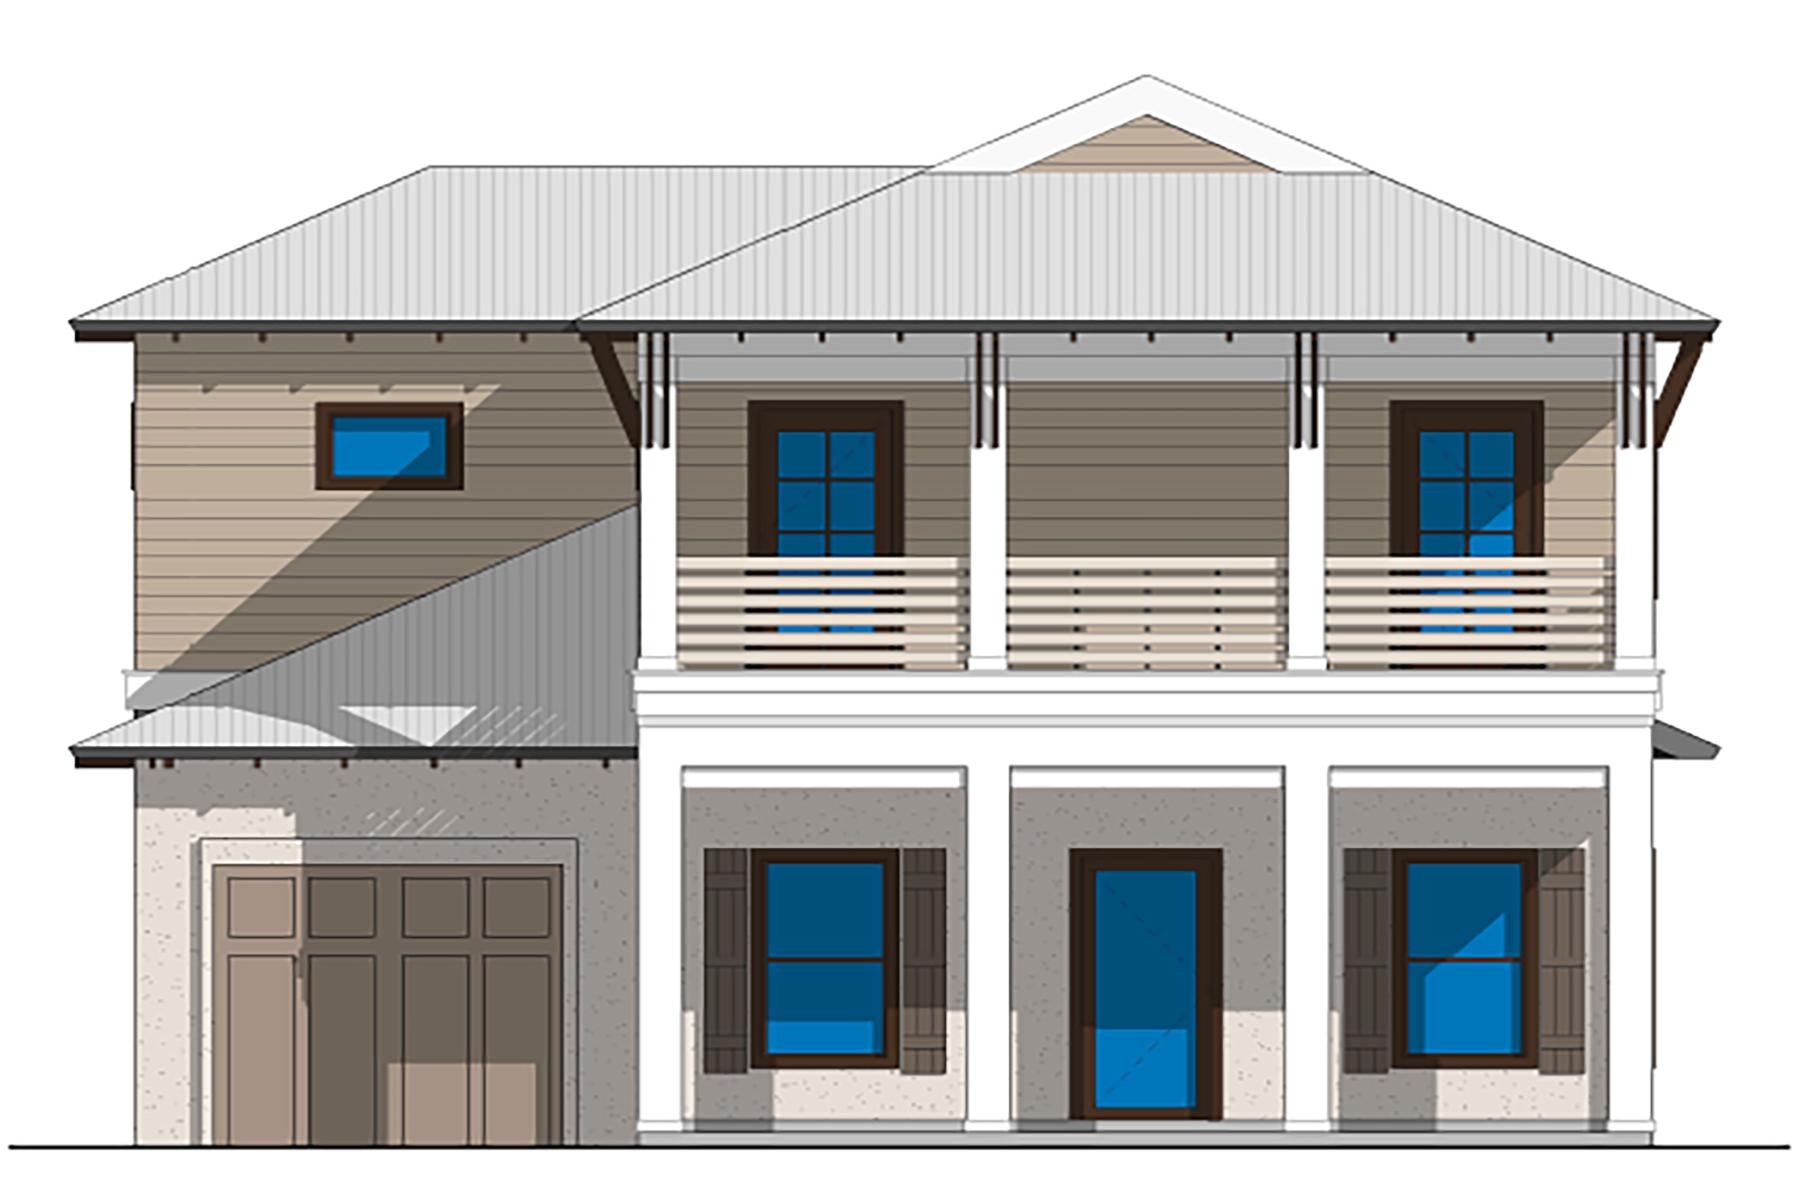 Частный односемейный дом для того Продажа на Brand New Construction In Exclusive Neighborhood Lot 32 W Willow Mist Road, Inlet Beach, Флорида, 32461 Соединенные Штаты